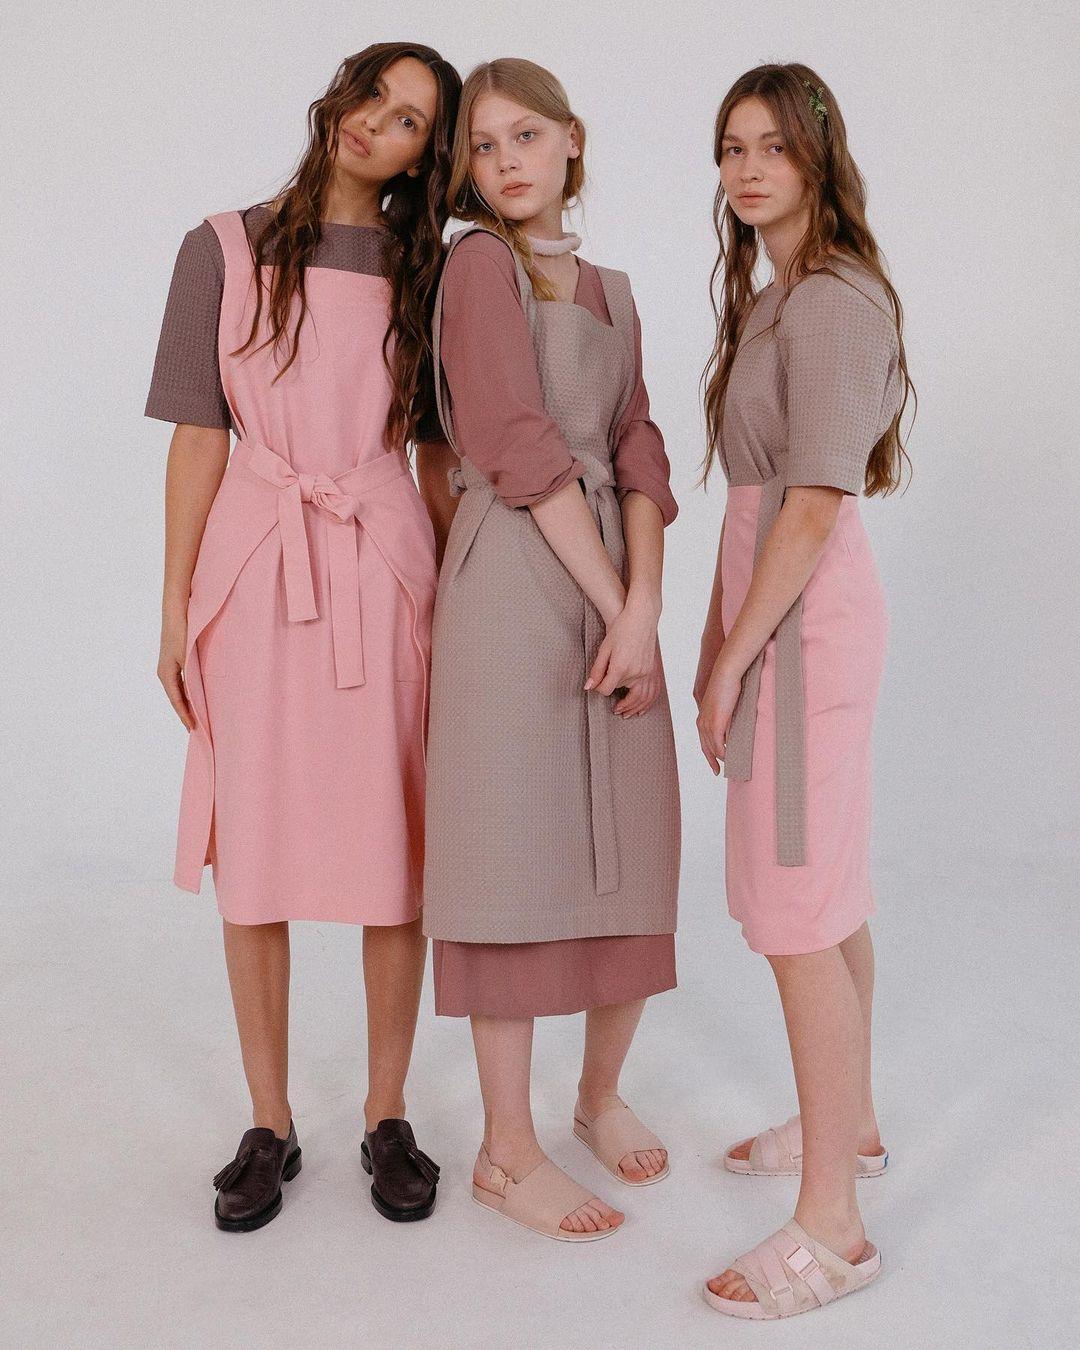 Фартуки носят поверх другой одежды: штанов, футболок и платьев